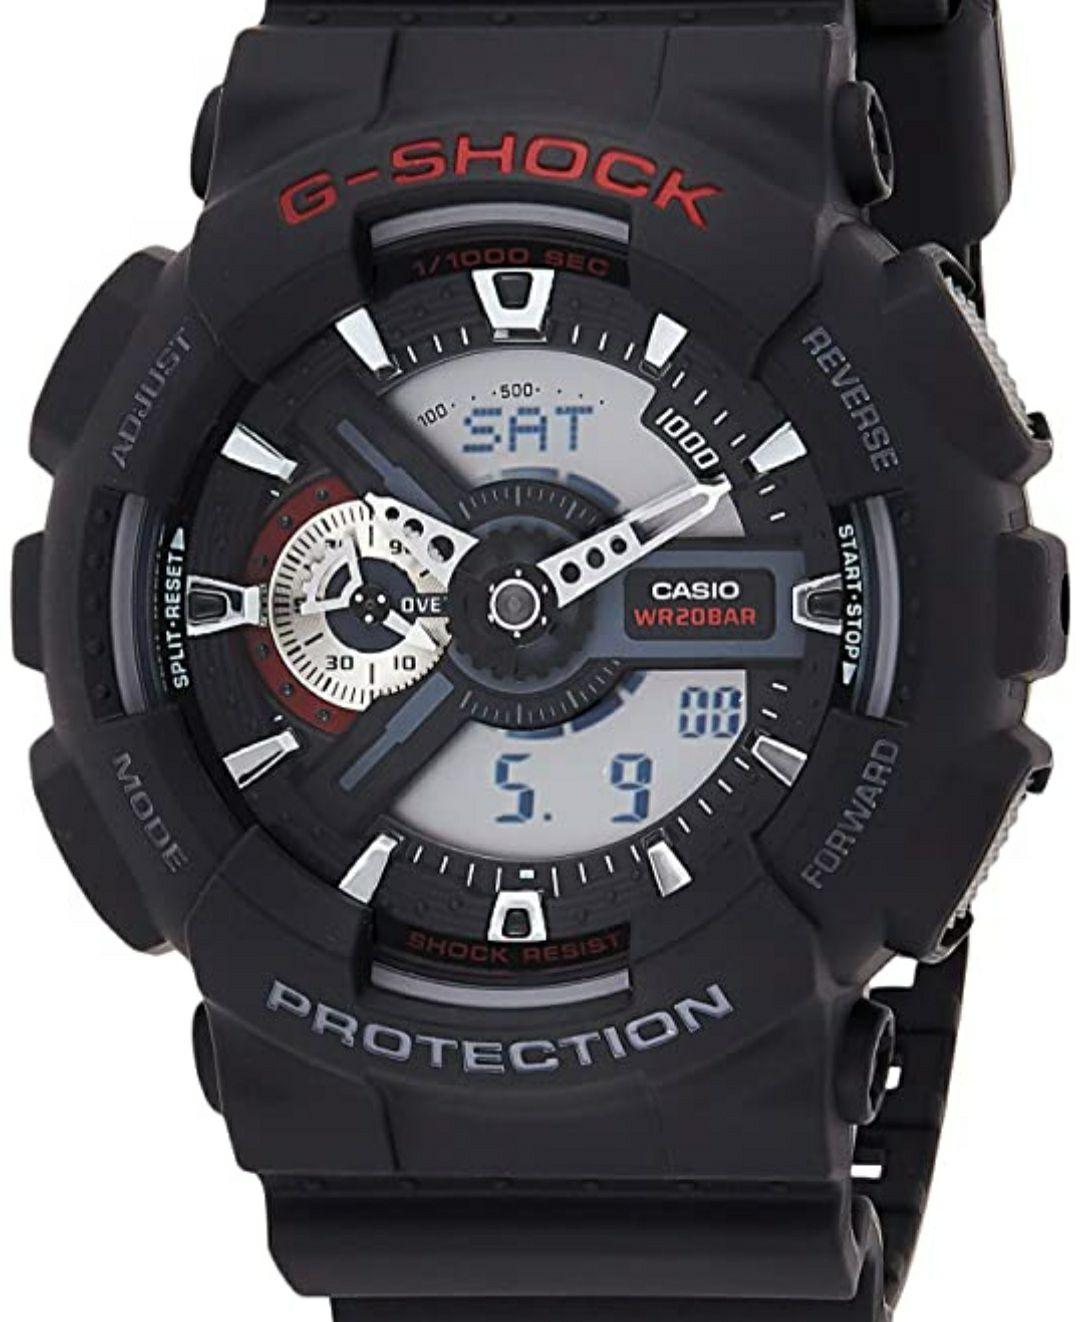 Casio G-shock (Envío incluido)